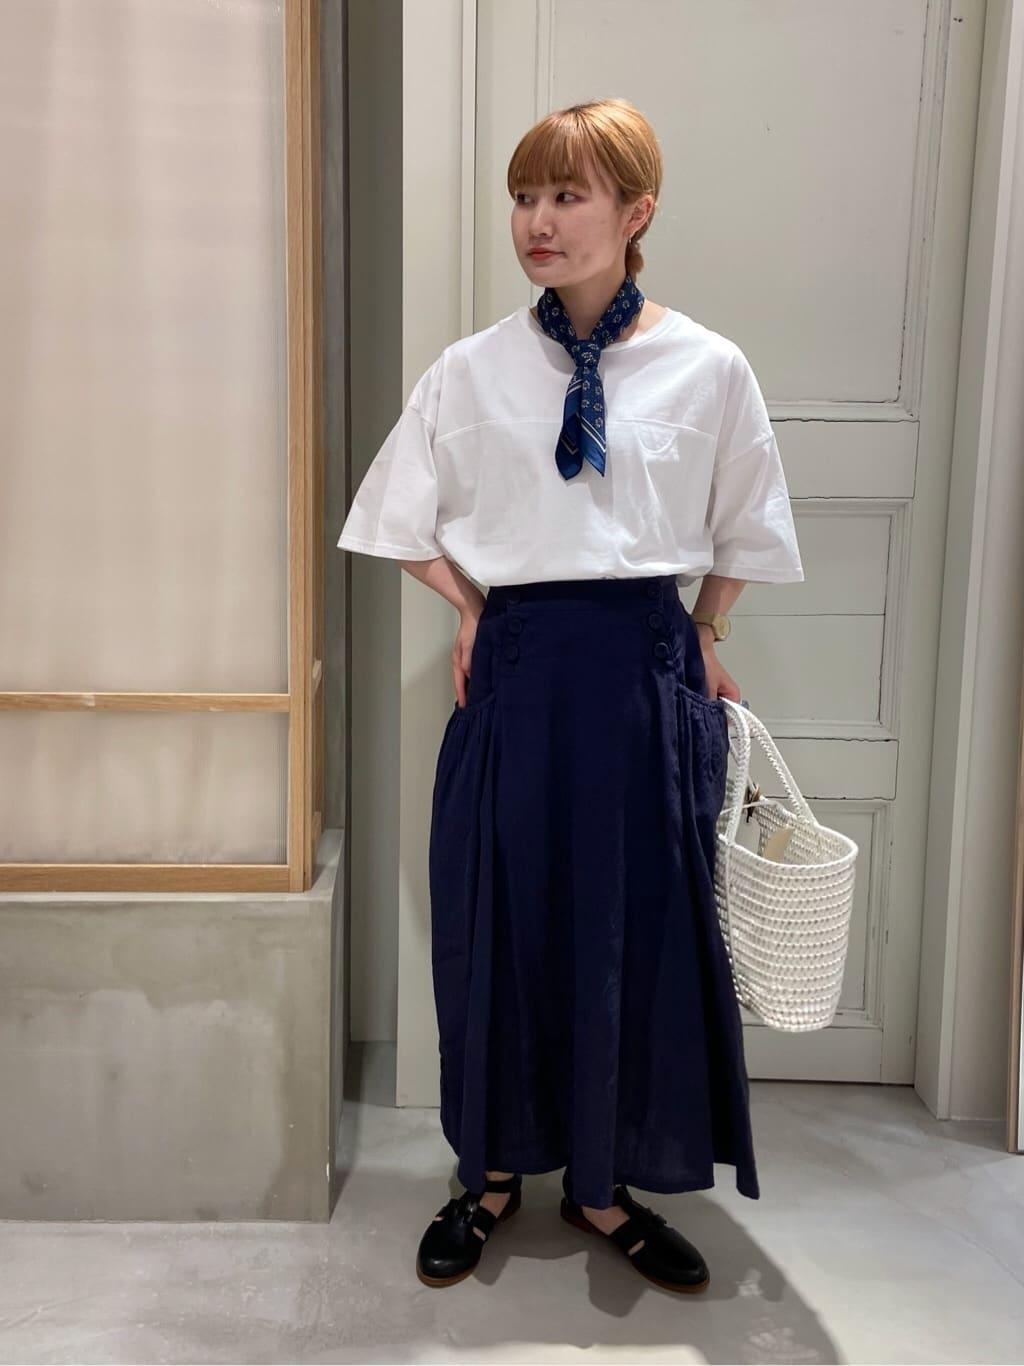 渋谷スクランブルスクエア 2021.06.15